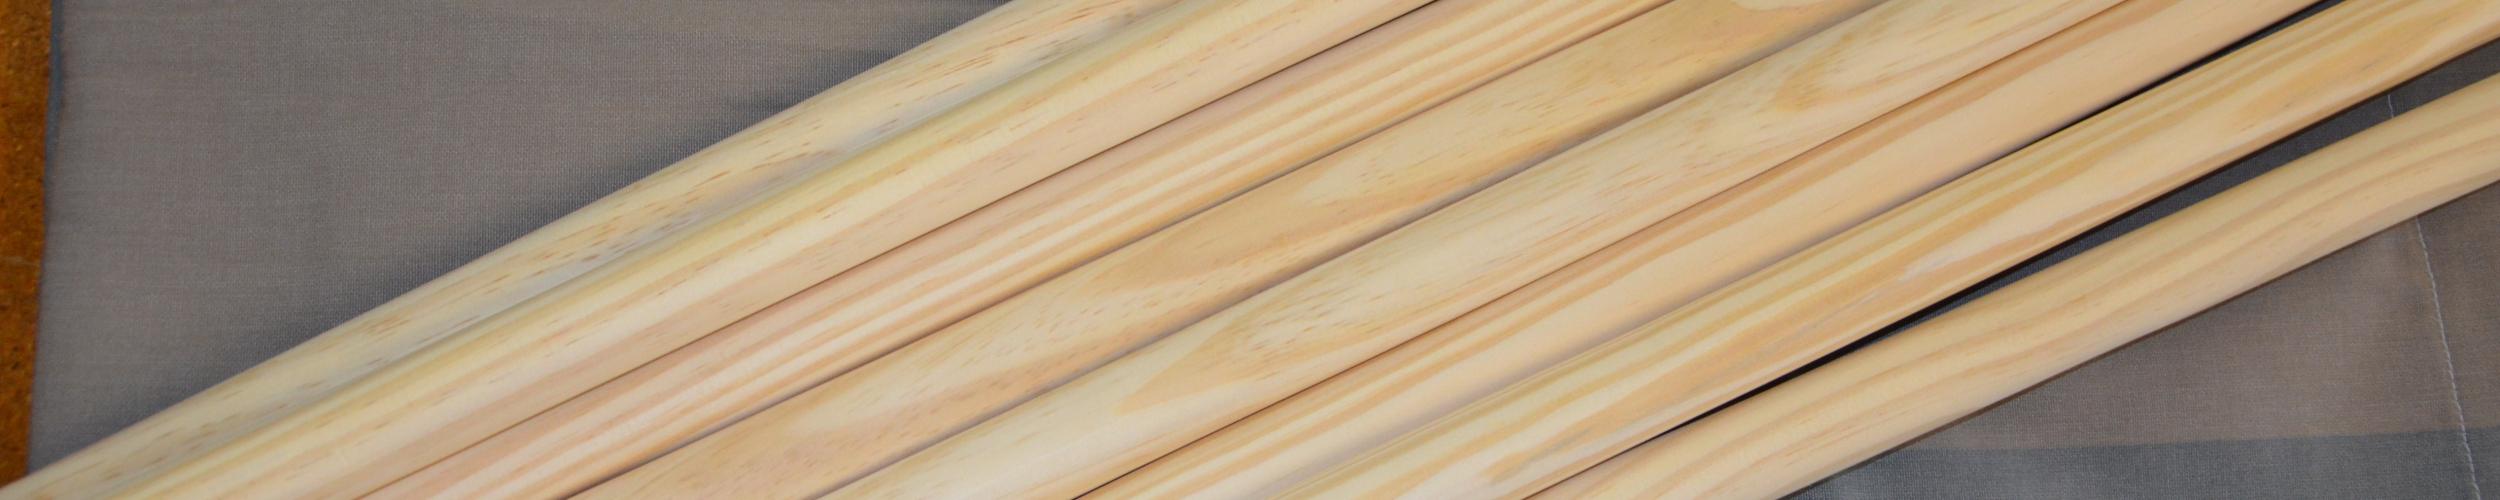 Windscherm Grijs/Groen/Beige 6 meter, stockactie nummer 117